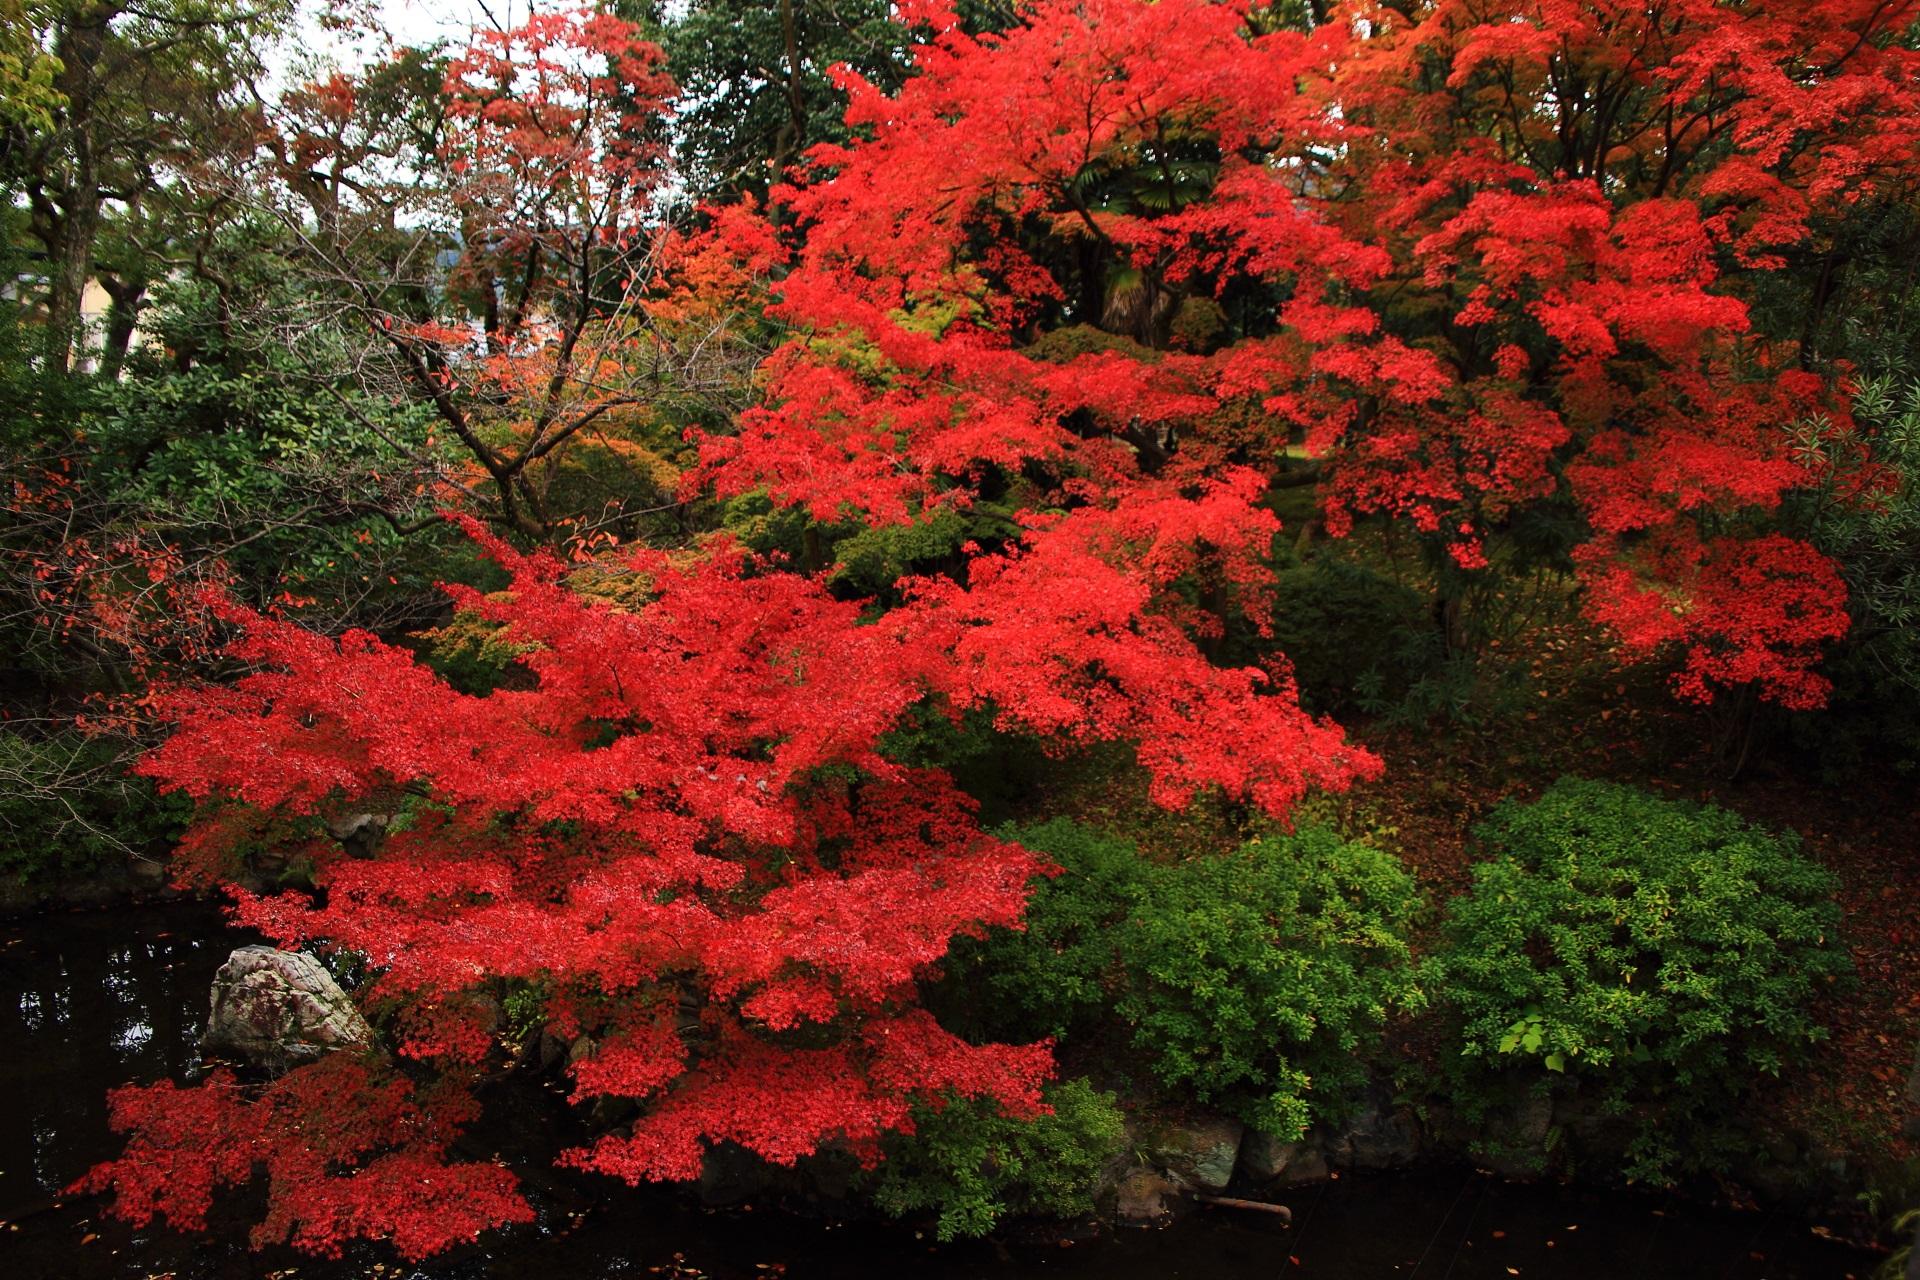 大谷本廟の炎のような圧倒的な紅葉